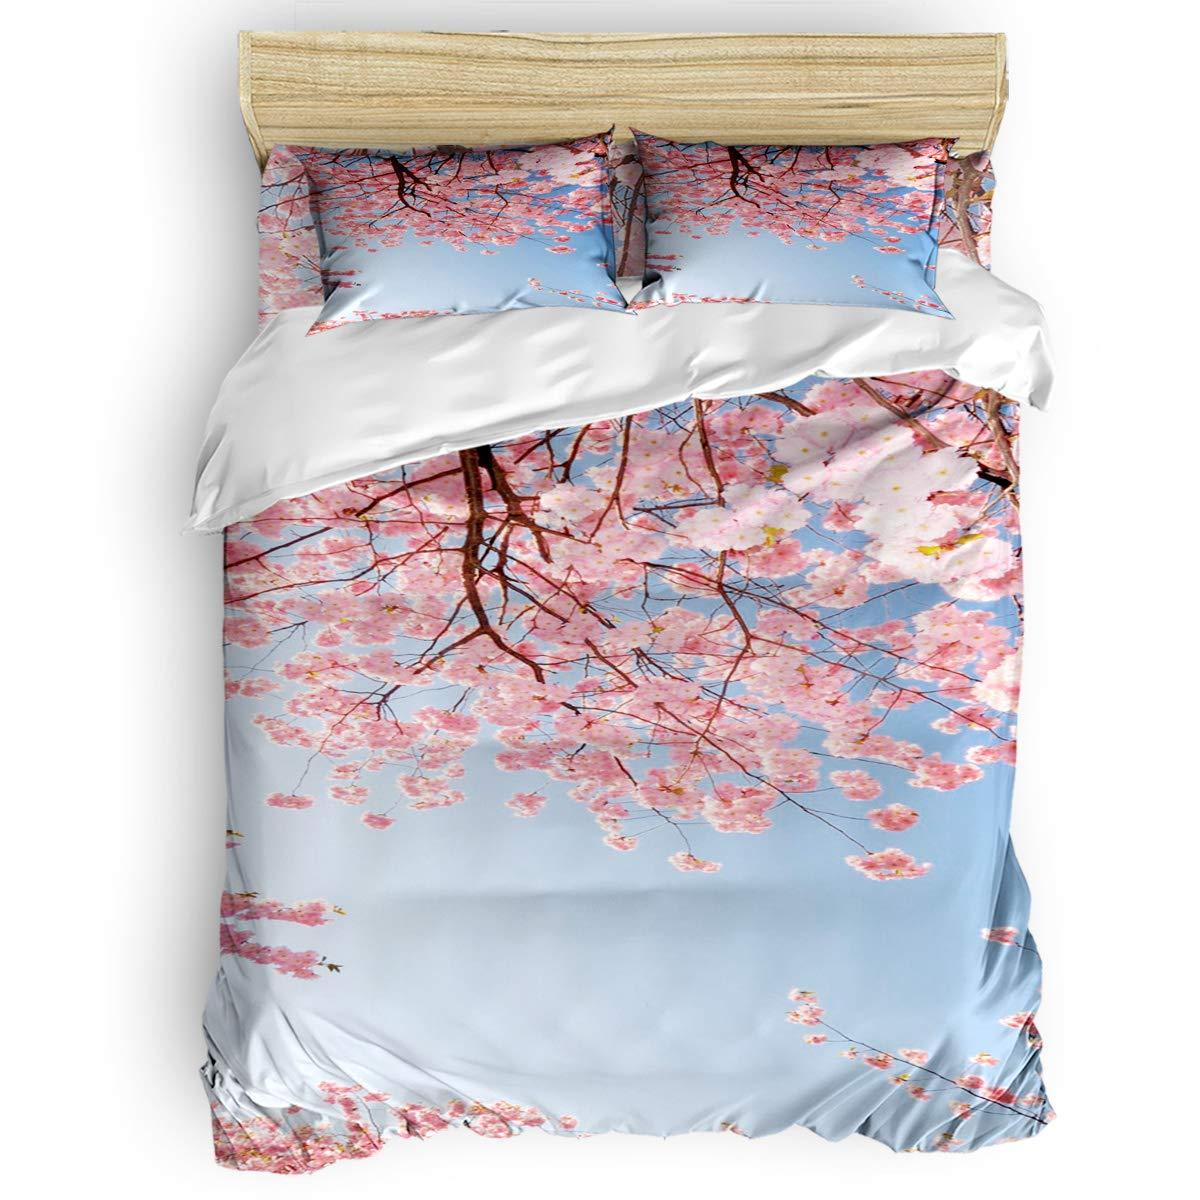 掛け布団カバー 4点セット ファンタジー蓮 寝具カバーセット ベッド用 べッドシーツ 枕カバー 洋式 和式兼用 布団カバー 肌に優しい 羽毛布団セット 100%ポリエステル キング B07TG97YKV Flower19LAS9869 キング